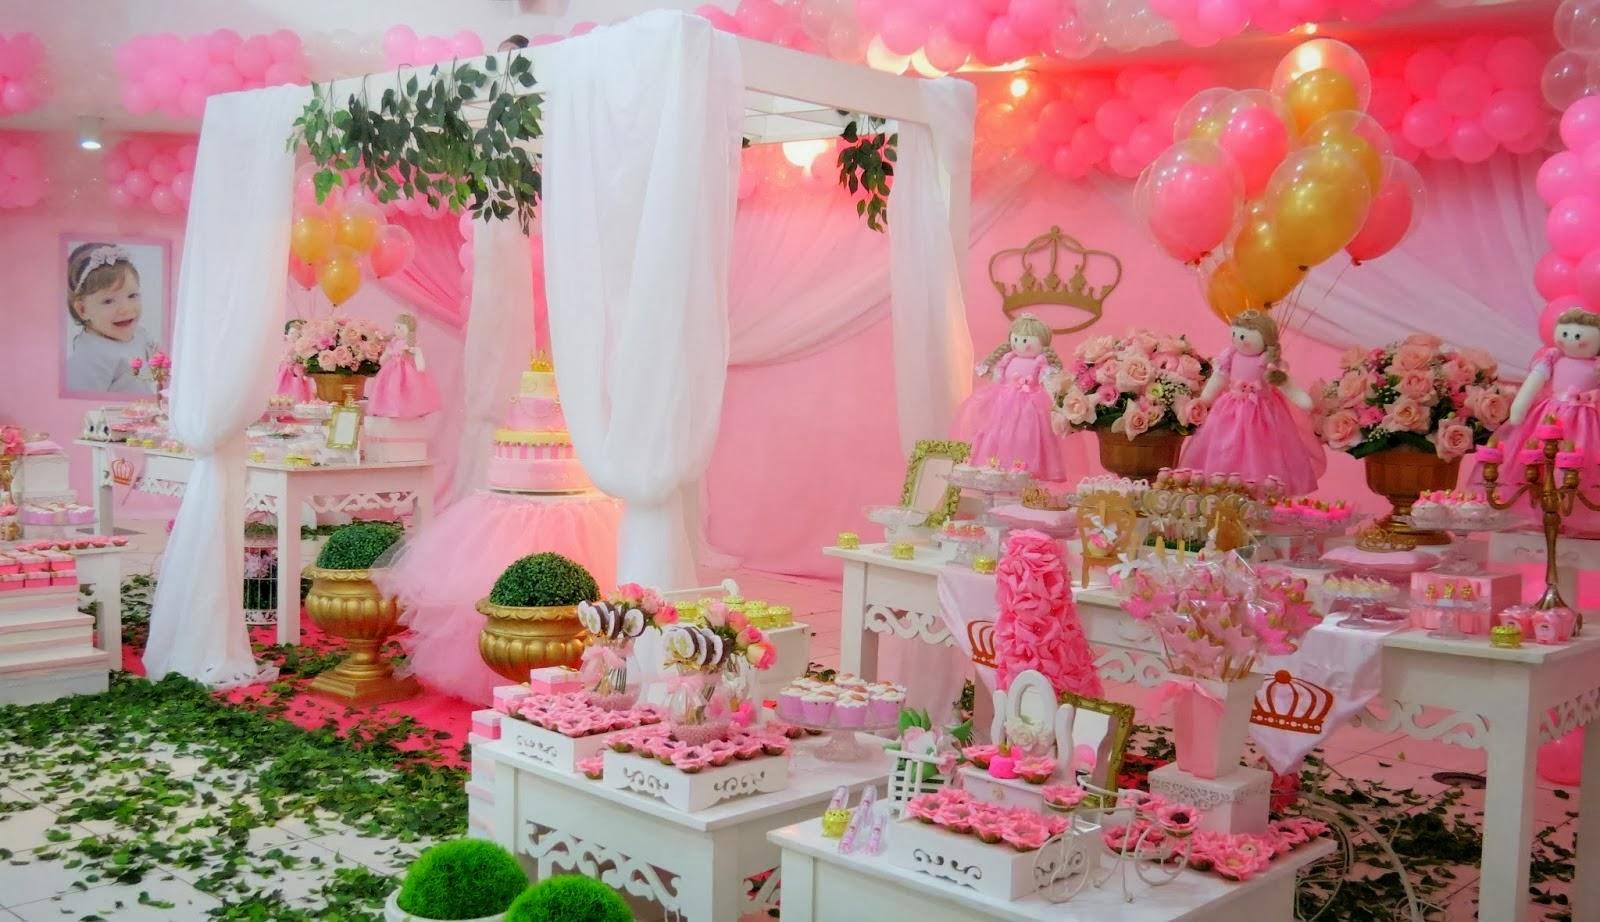 festa jardim da princesa : festa jardim da princesa:Festa Provençal – Site Oficial: Festas Especiais